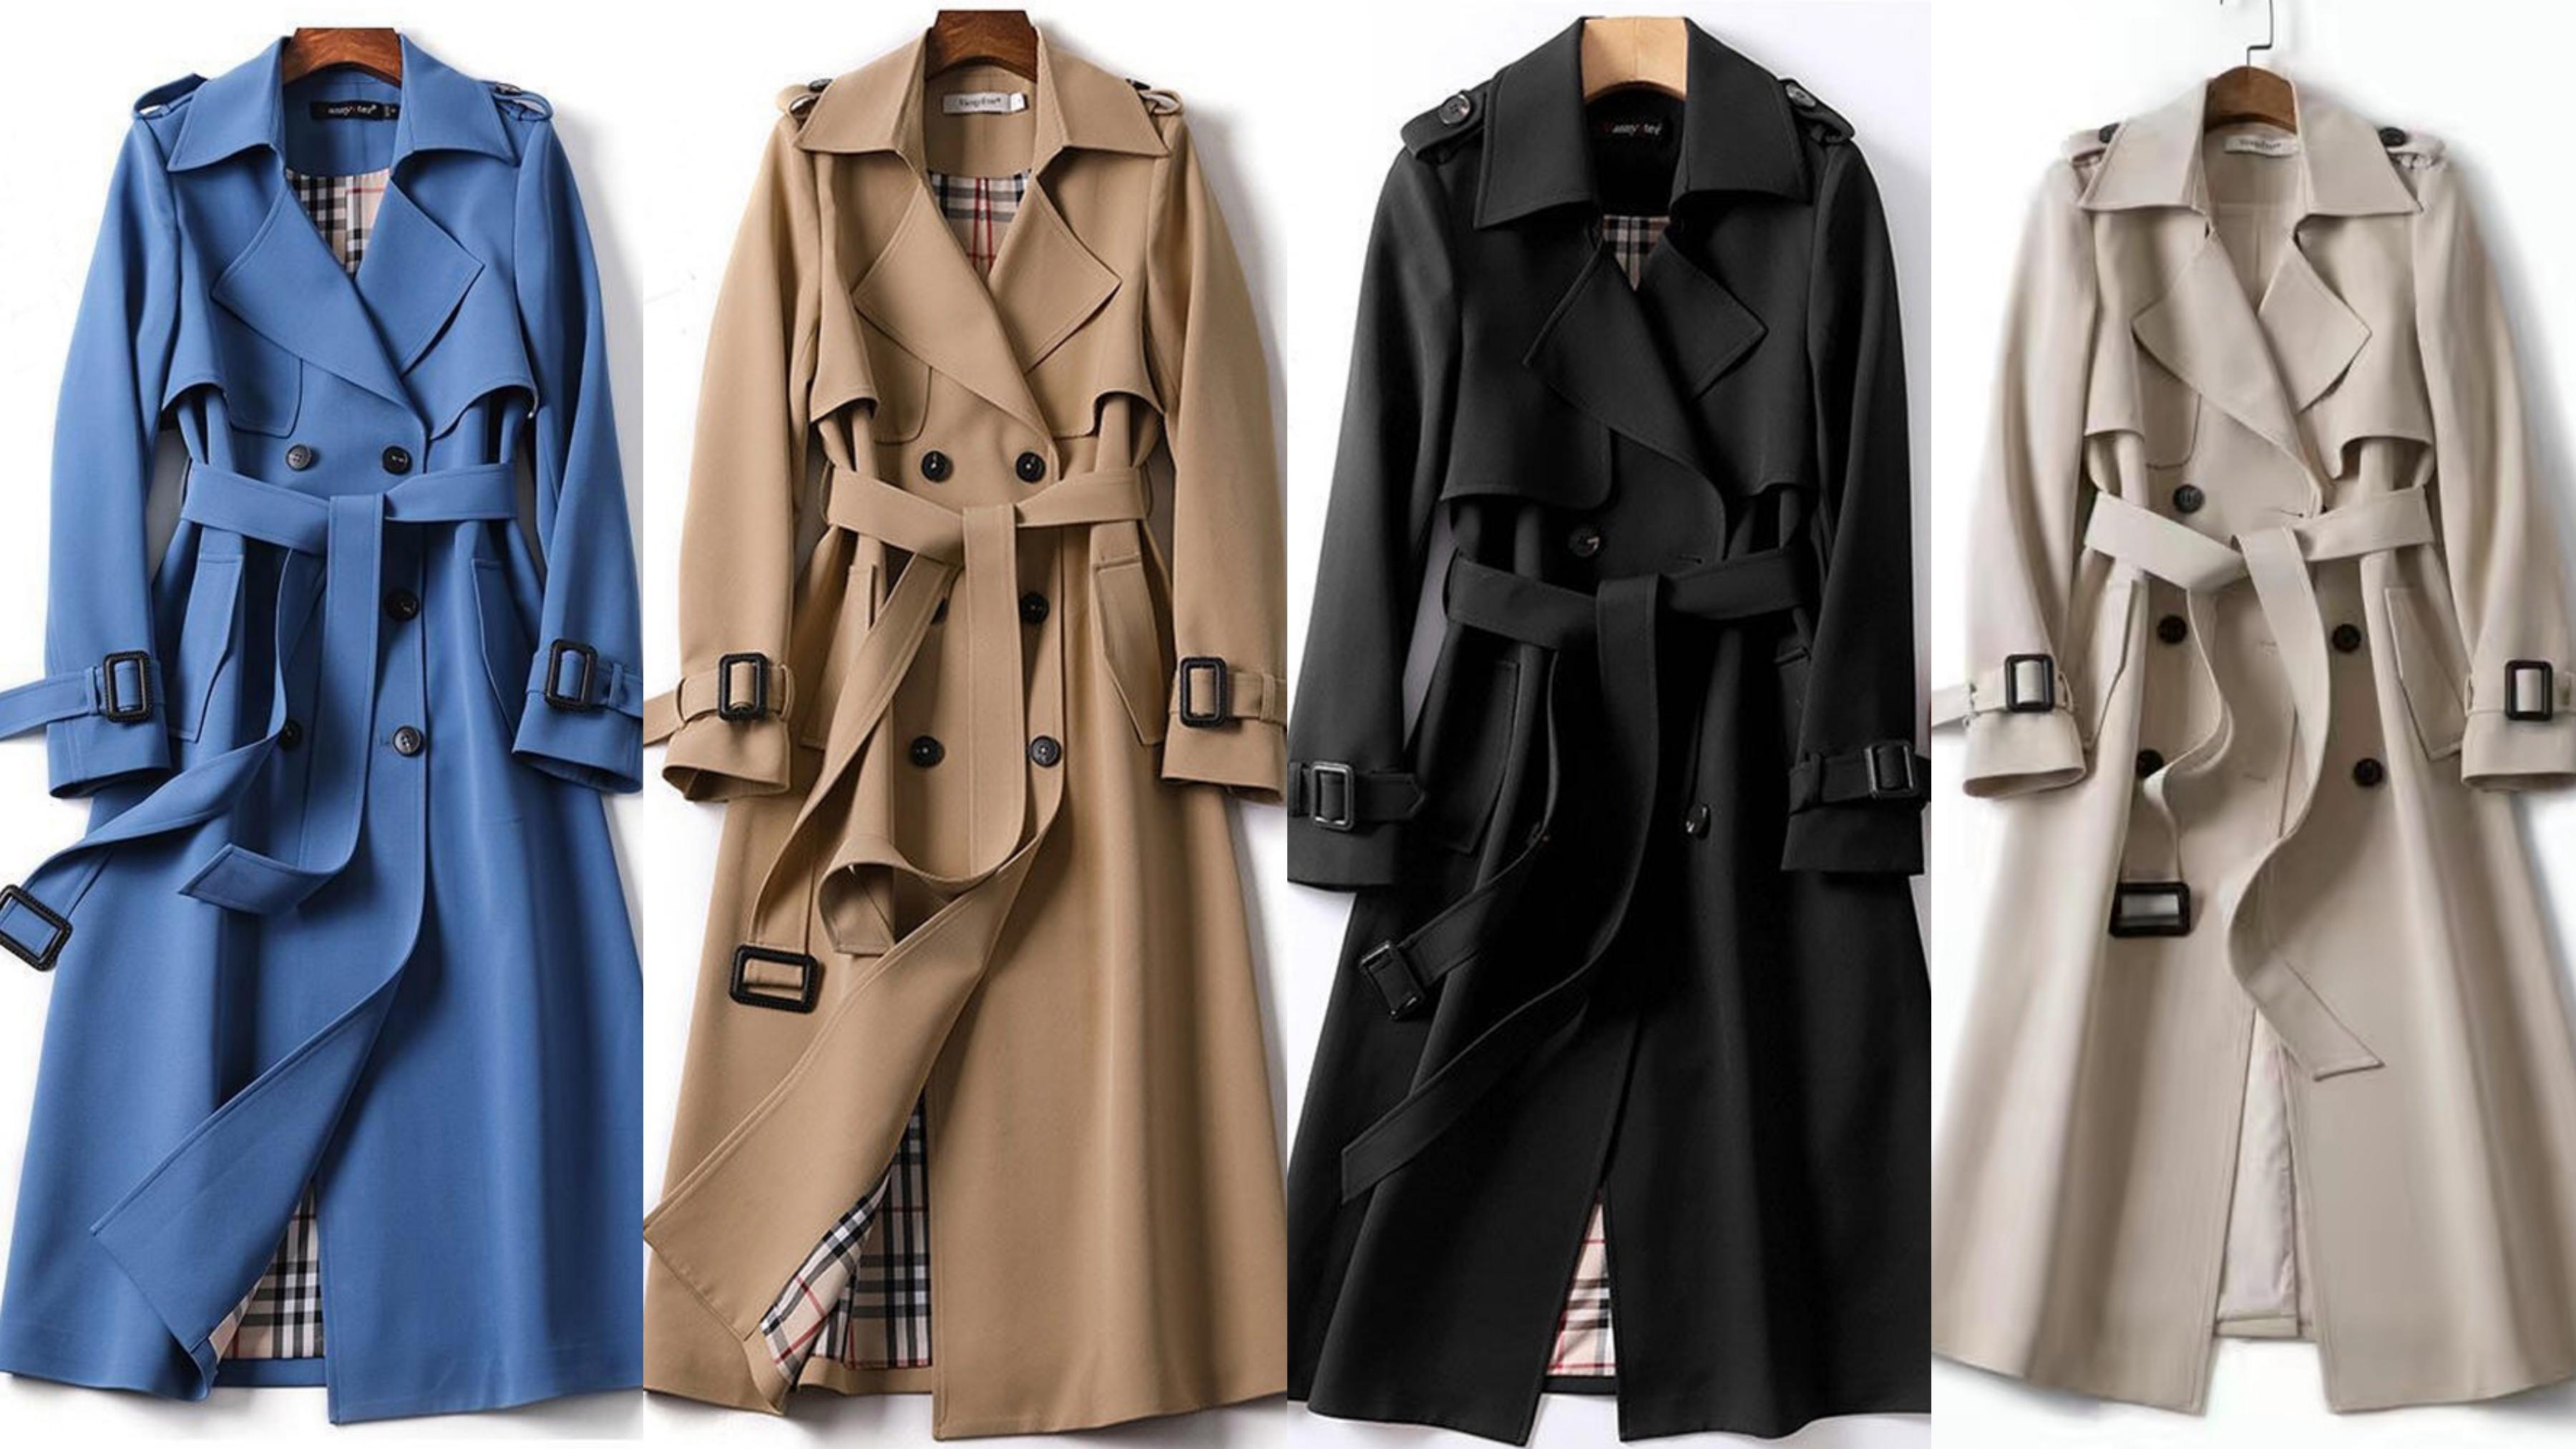 冬必備的顯瘦風衣款式,硬挺的面料,讓穿上更有氣勢感